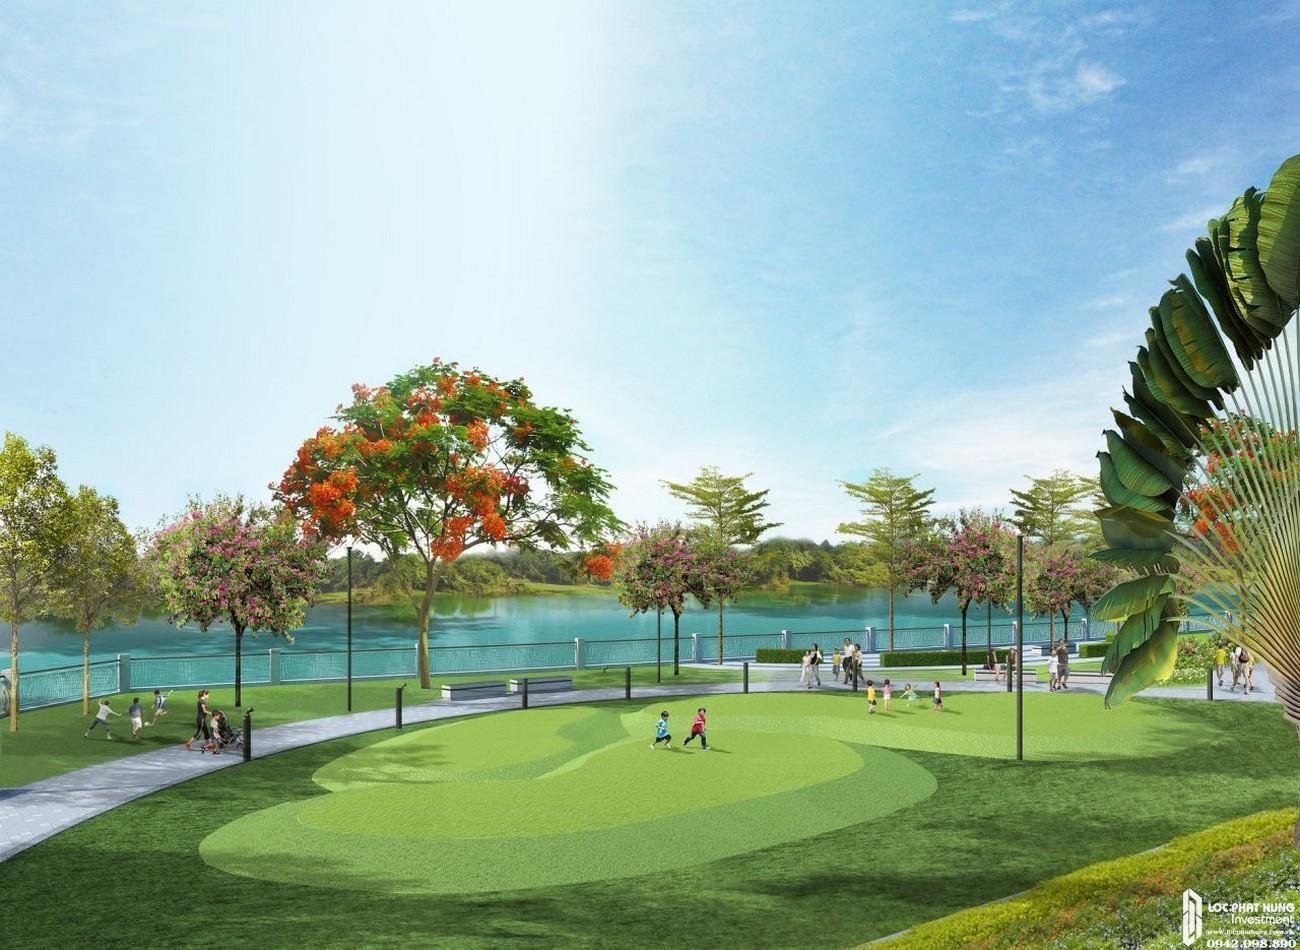 Tiện ích dự án căn hộ chung cư Lavita Thuận An Đường Quốc lộ 13 chủ đầu tư Quốc Cường Gia Lai